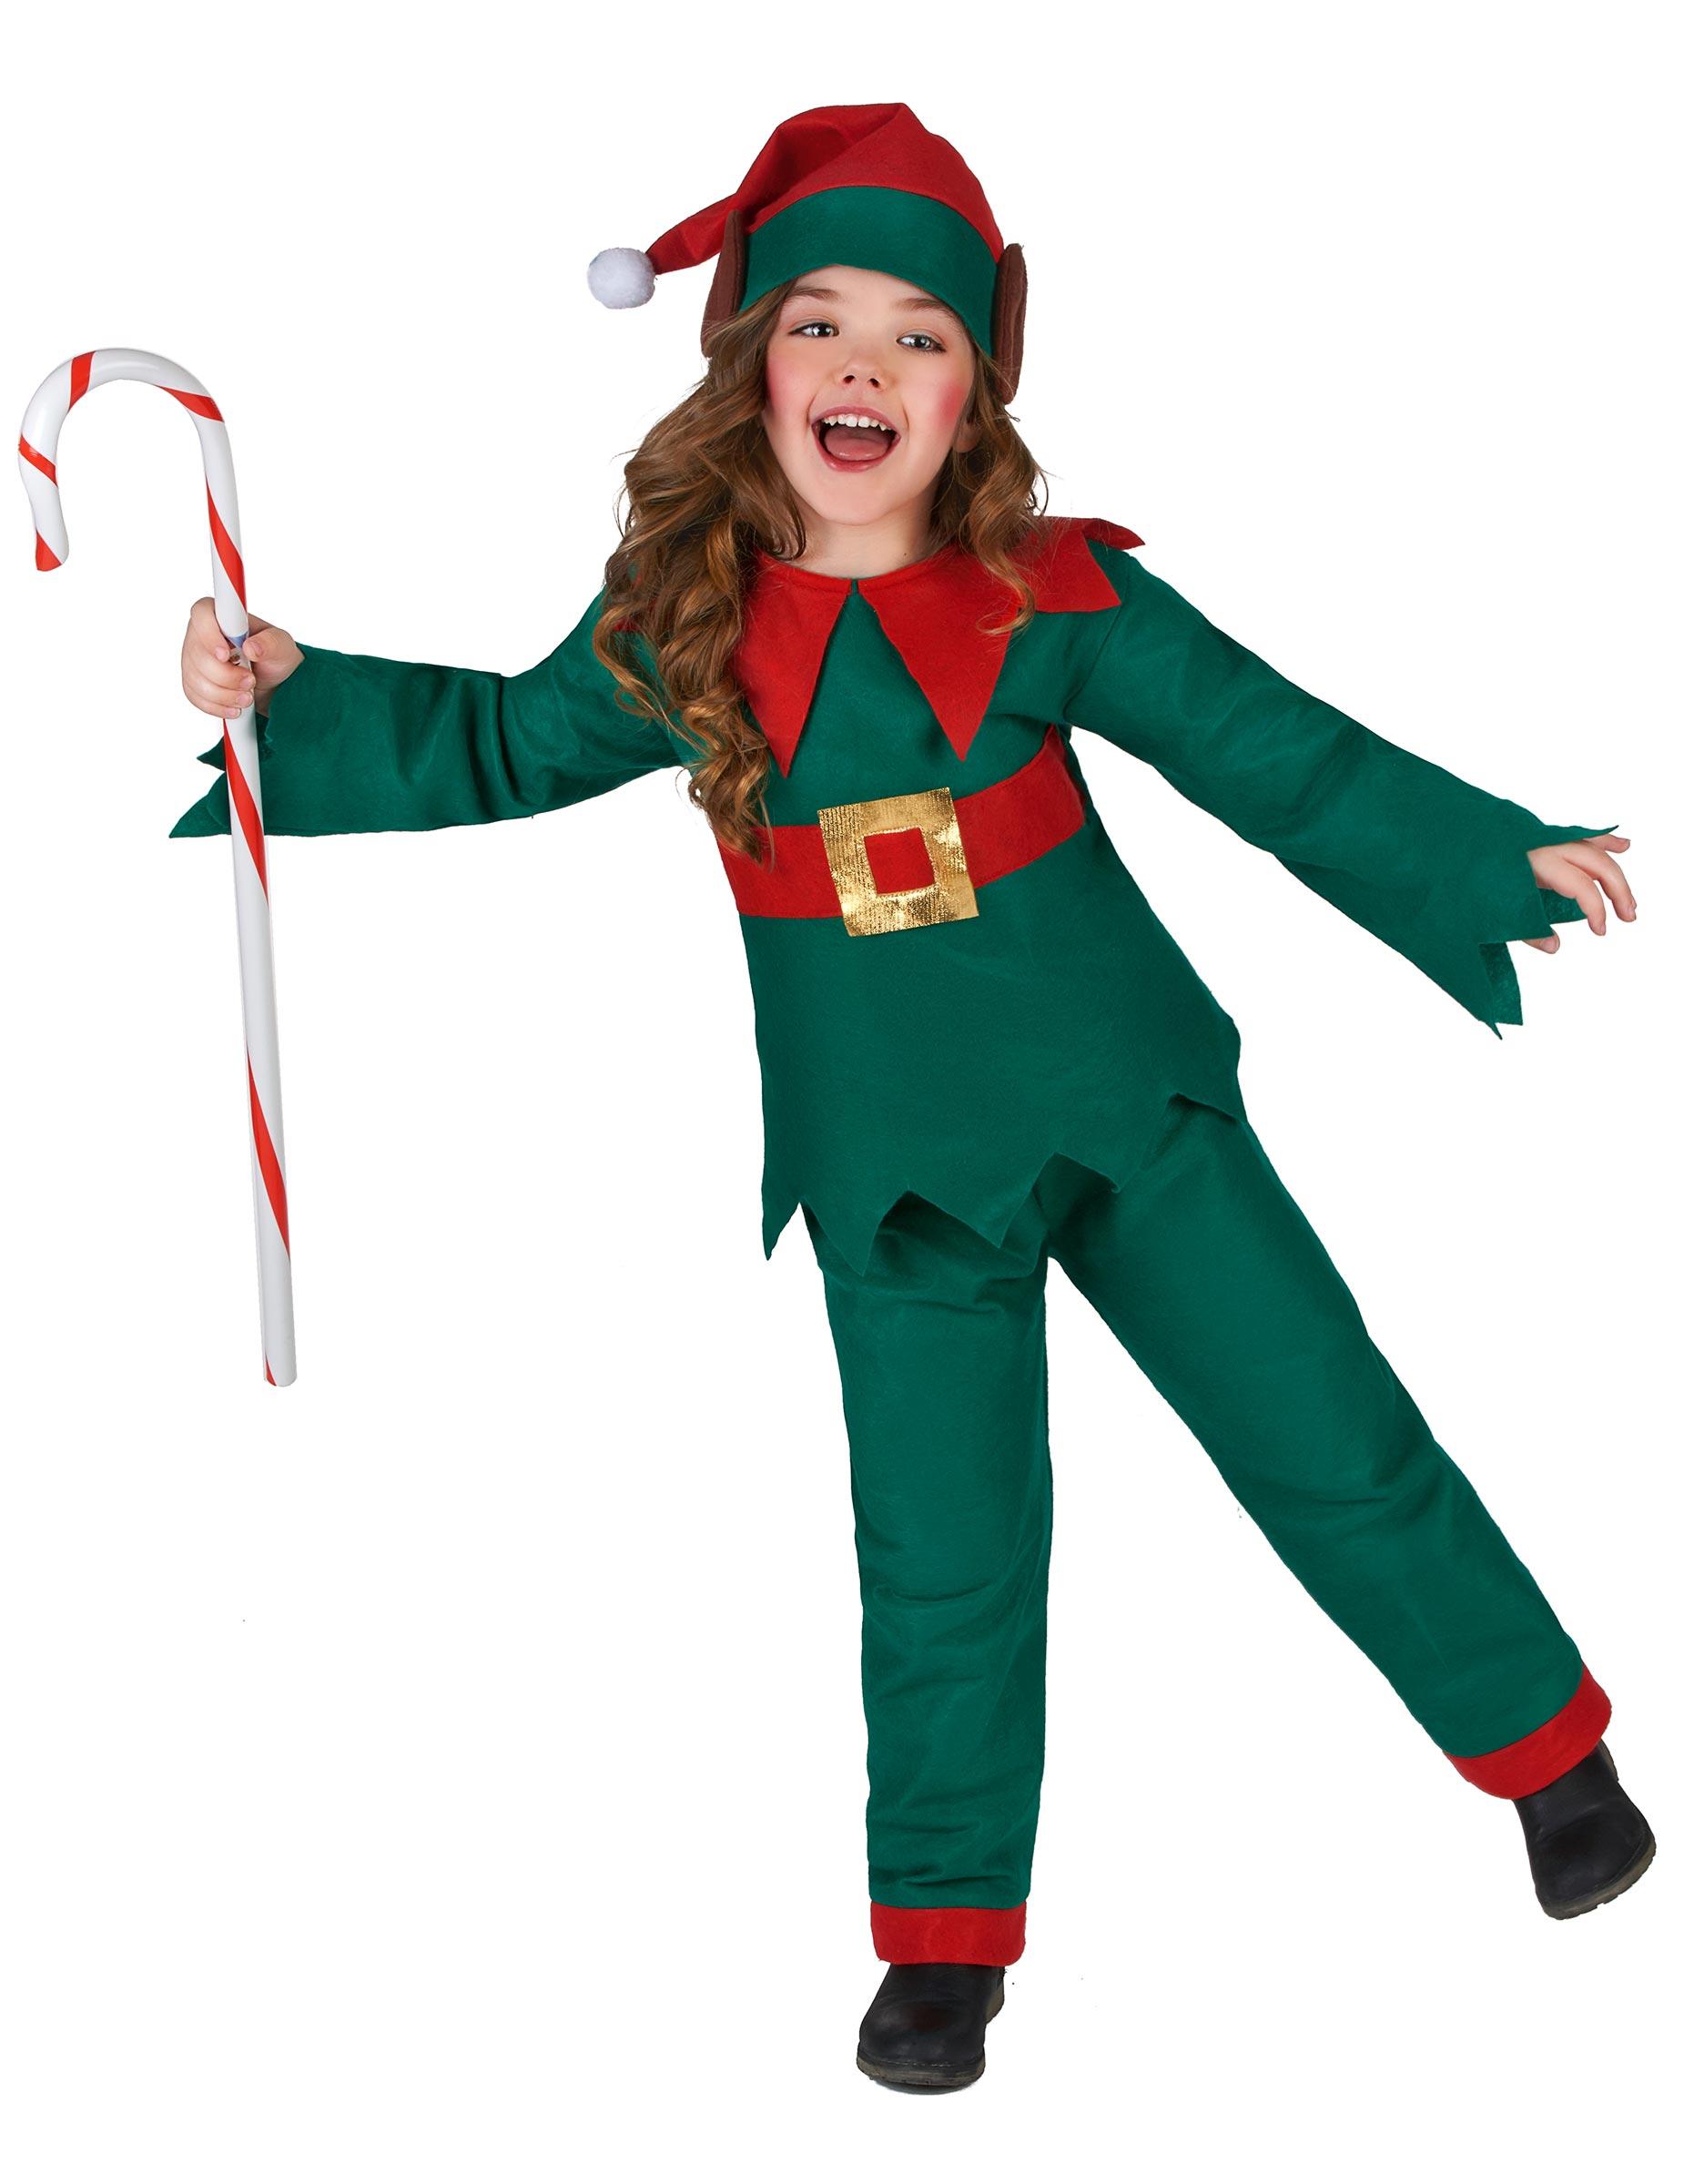 Tomtenissedräkt för barn till jul-1 69c3e7d1dac71